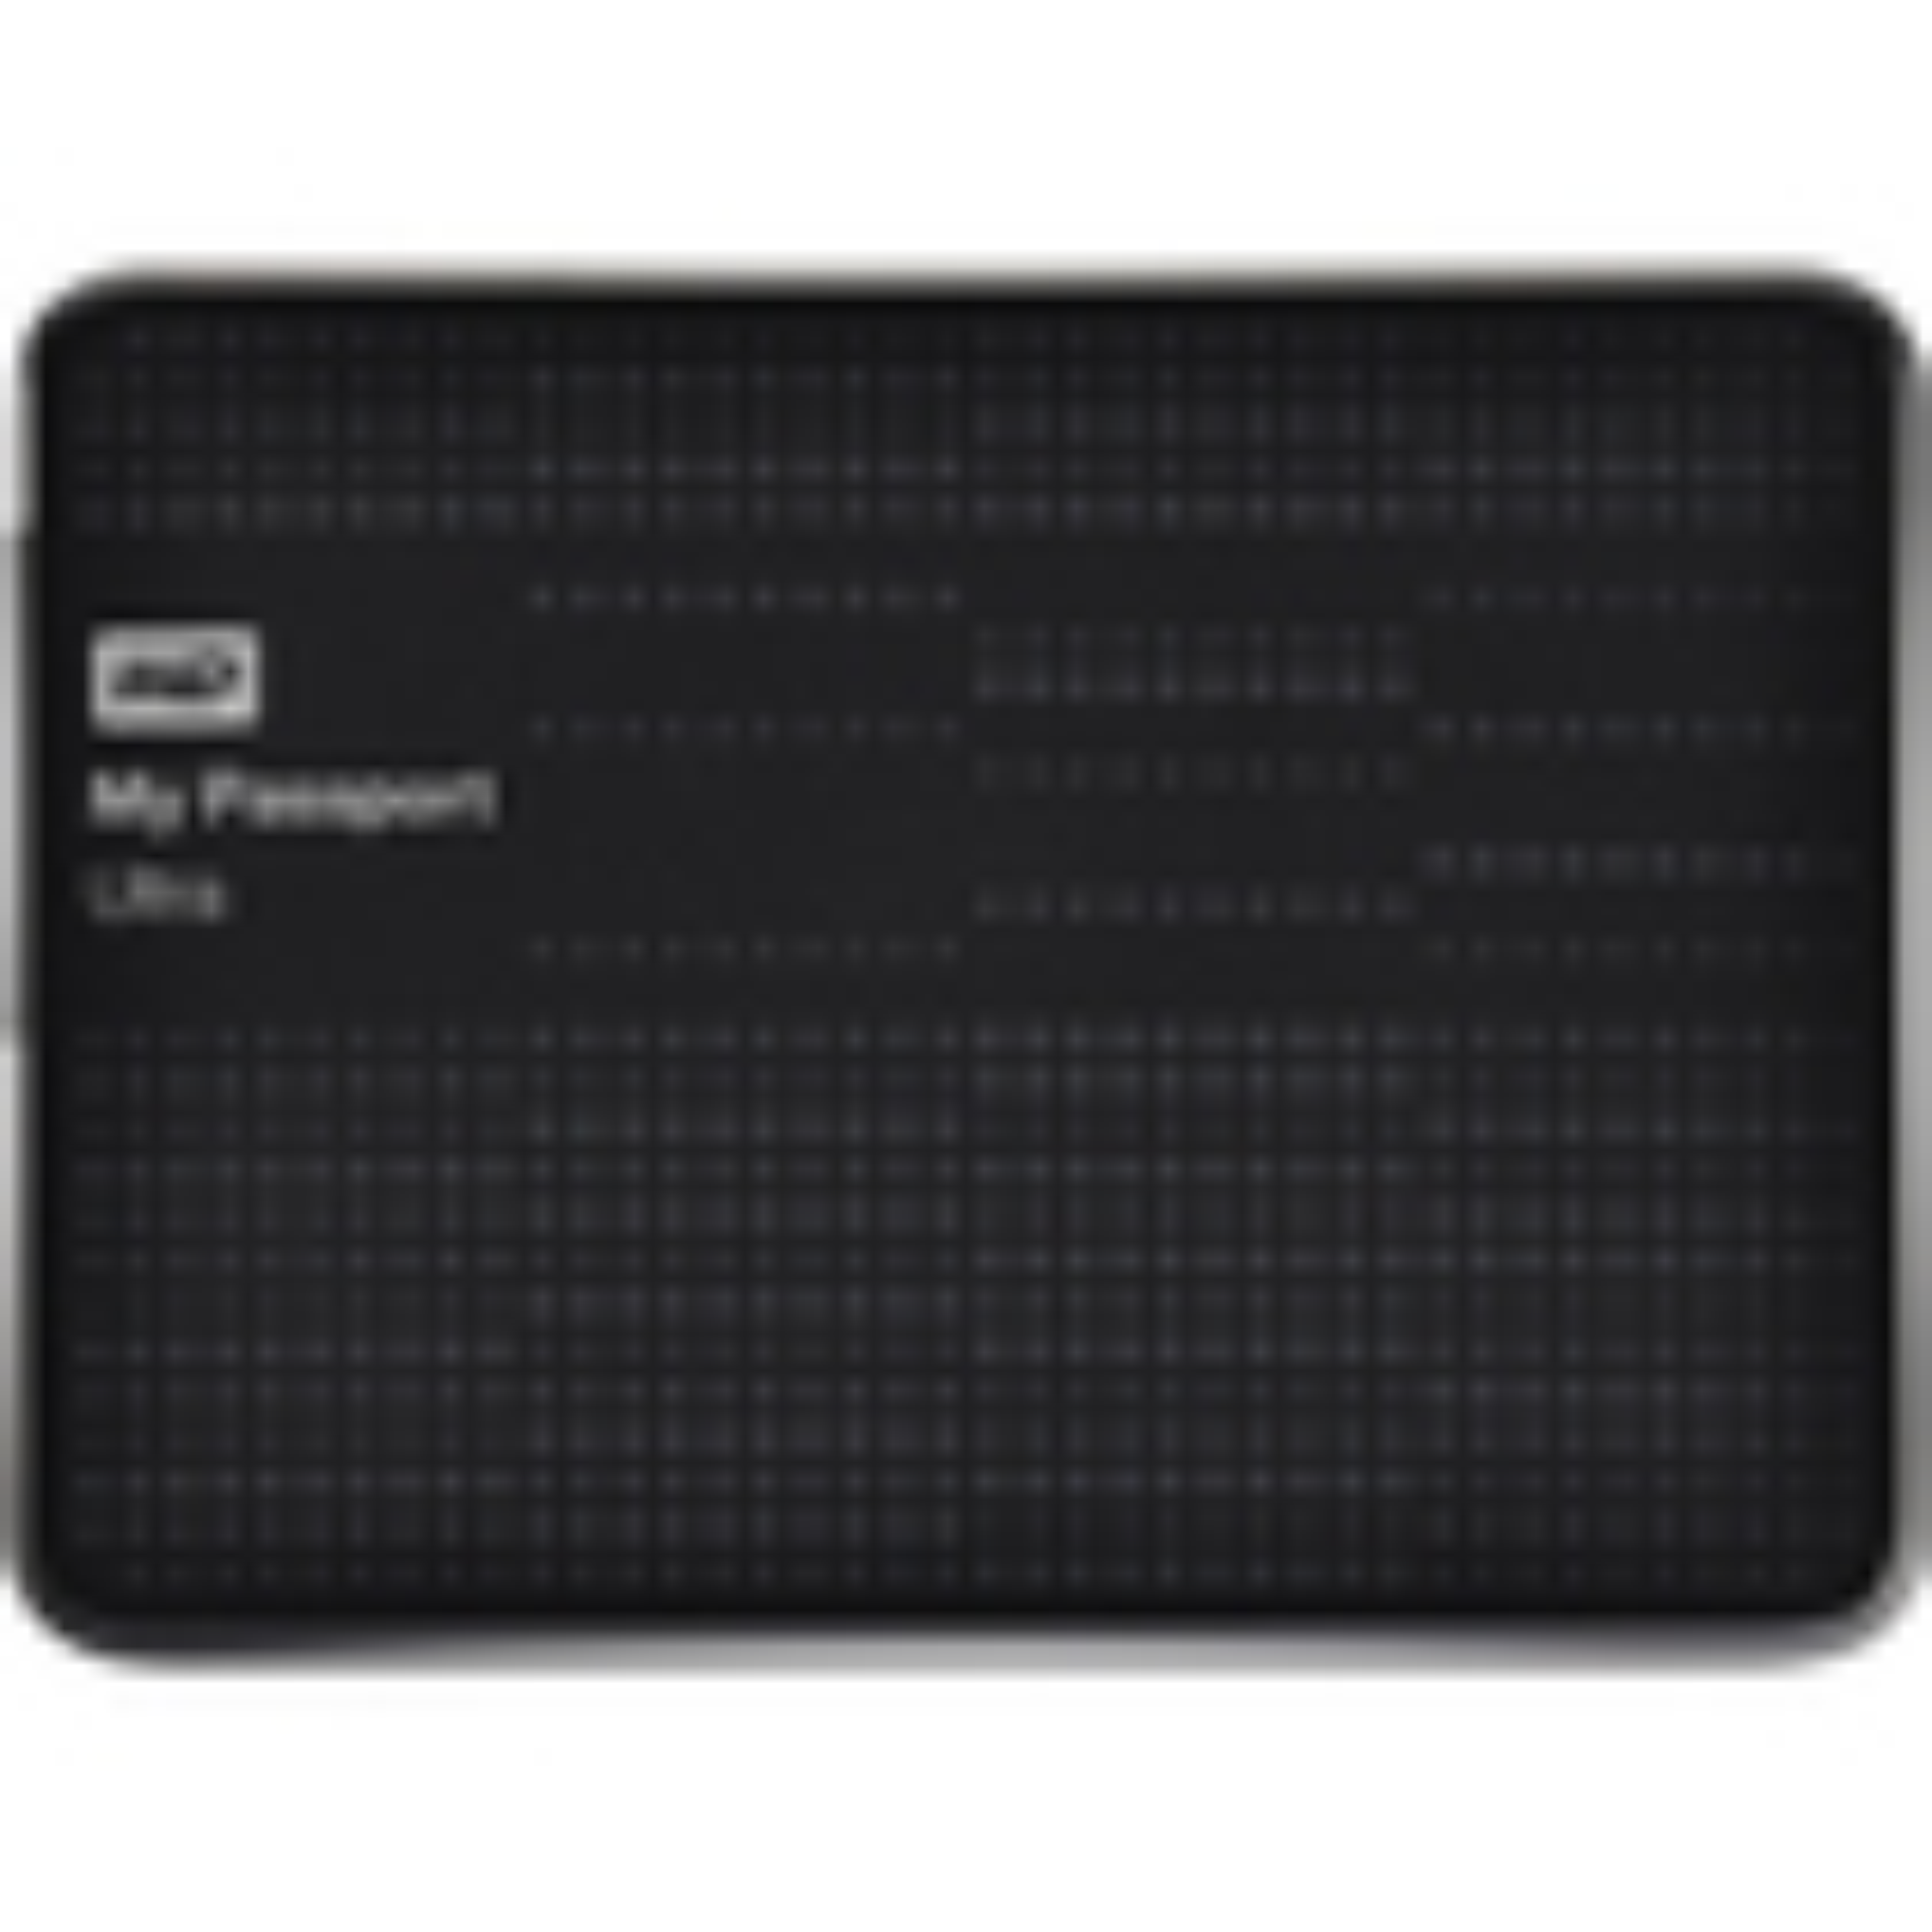 WD - My Passport Ultra 500GB External USB 3.0 Hard Drive - Black